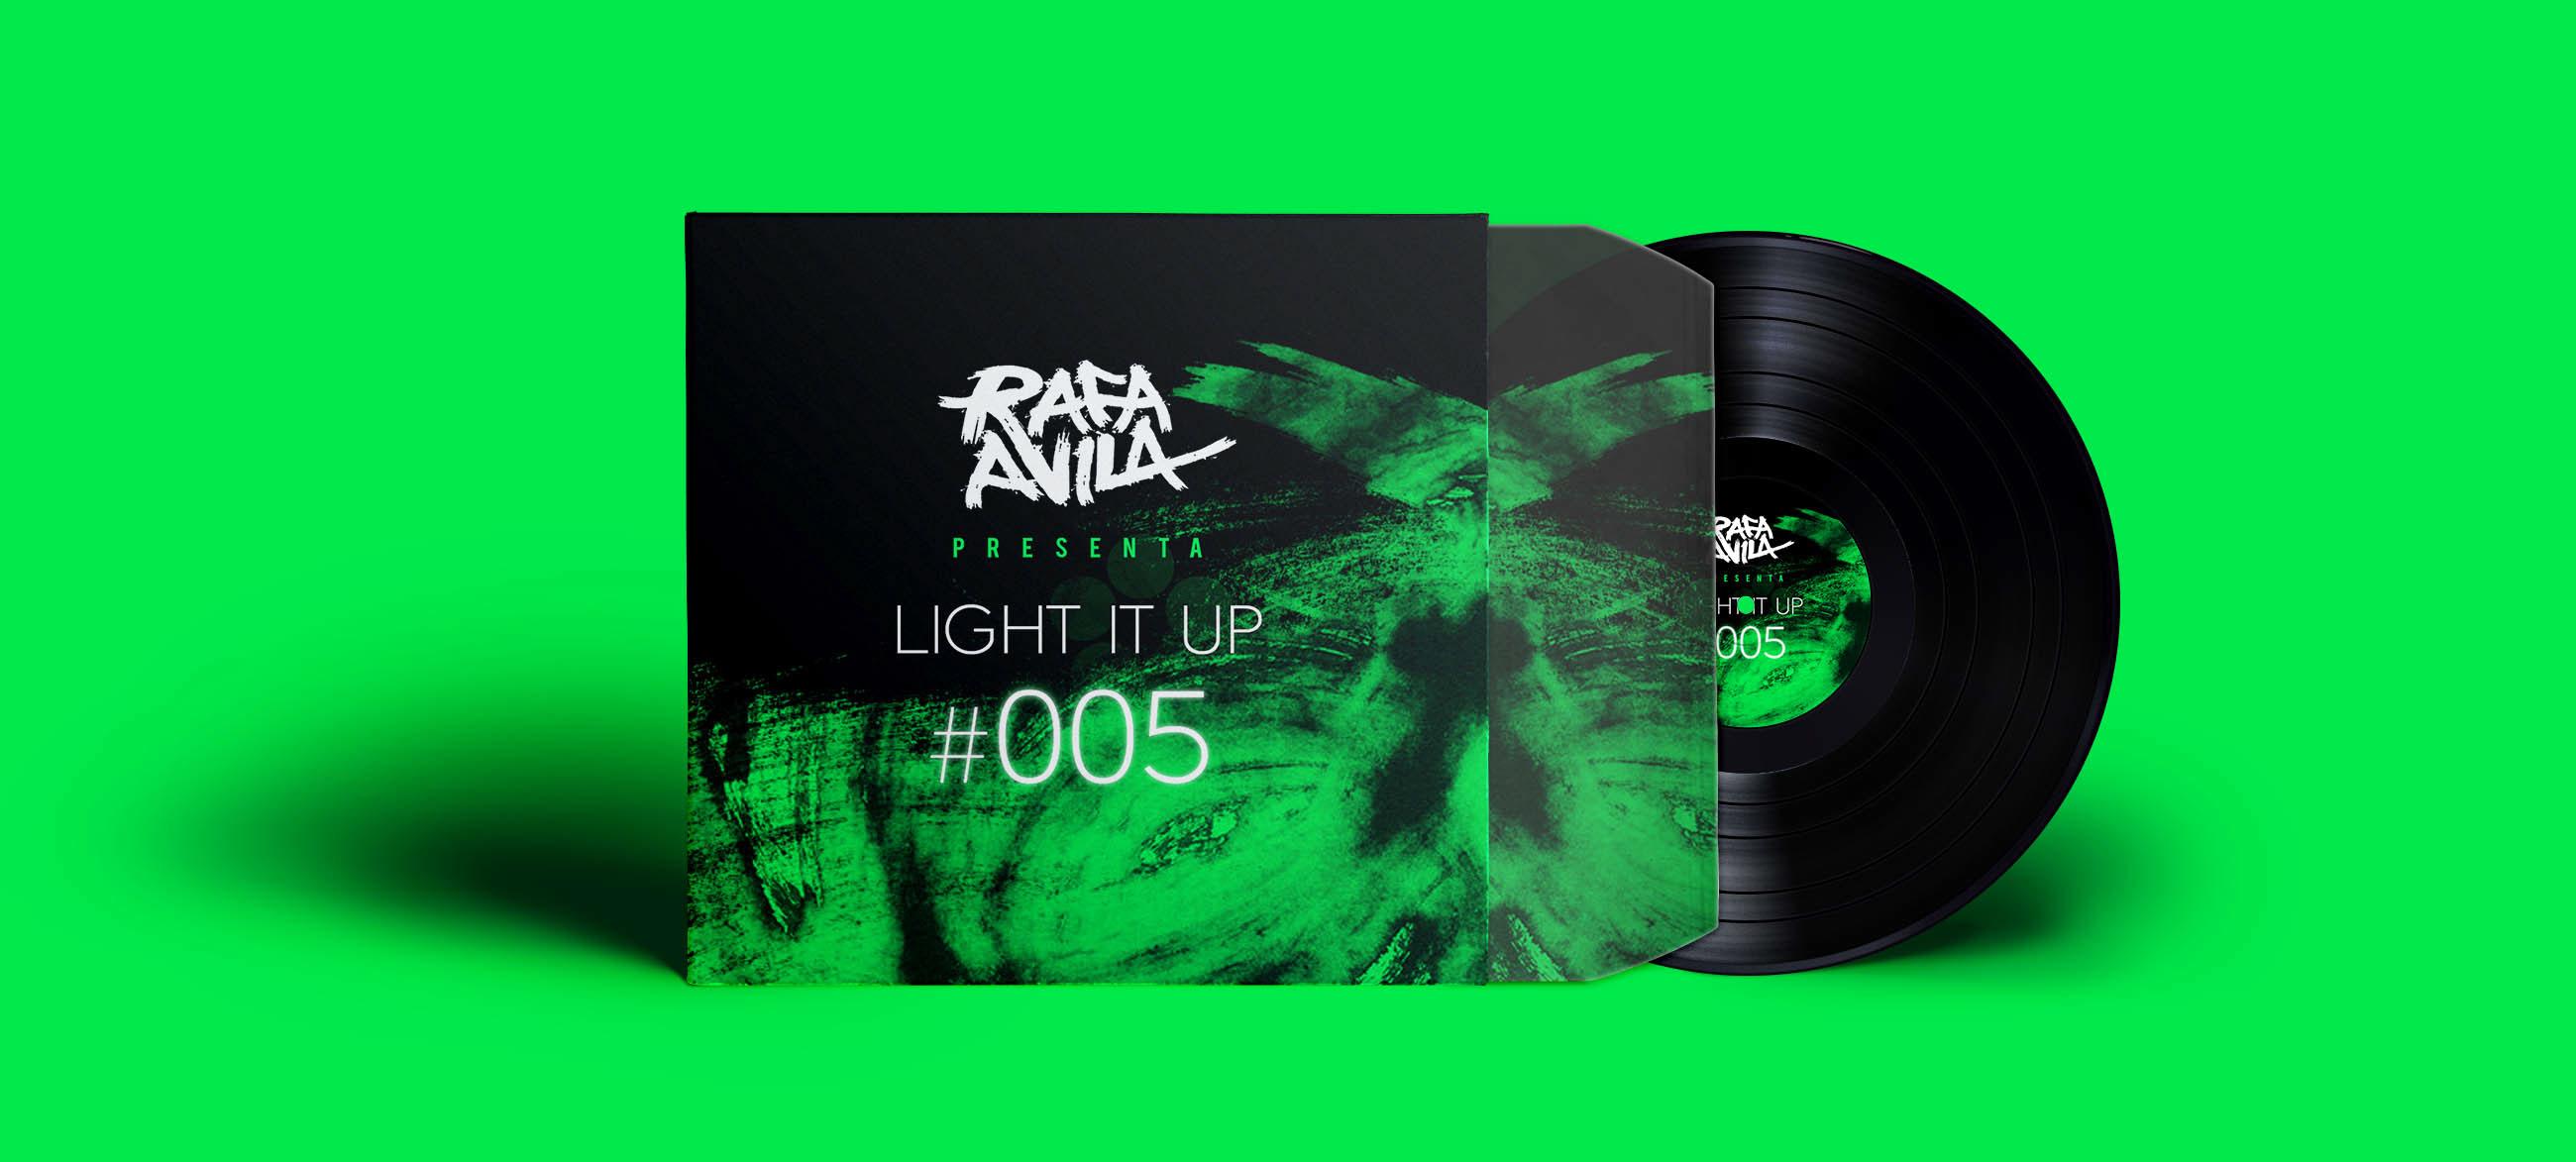 Rafa Avila CD Cover design